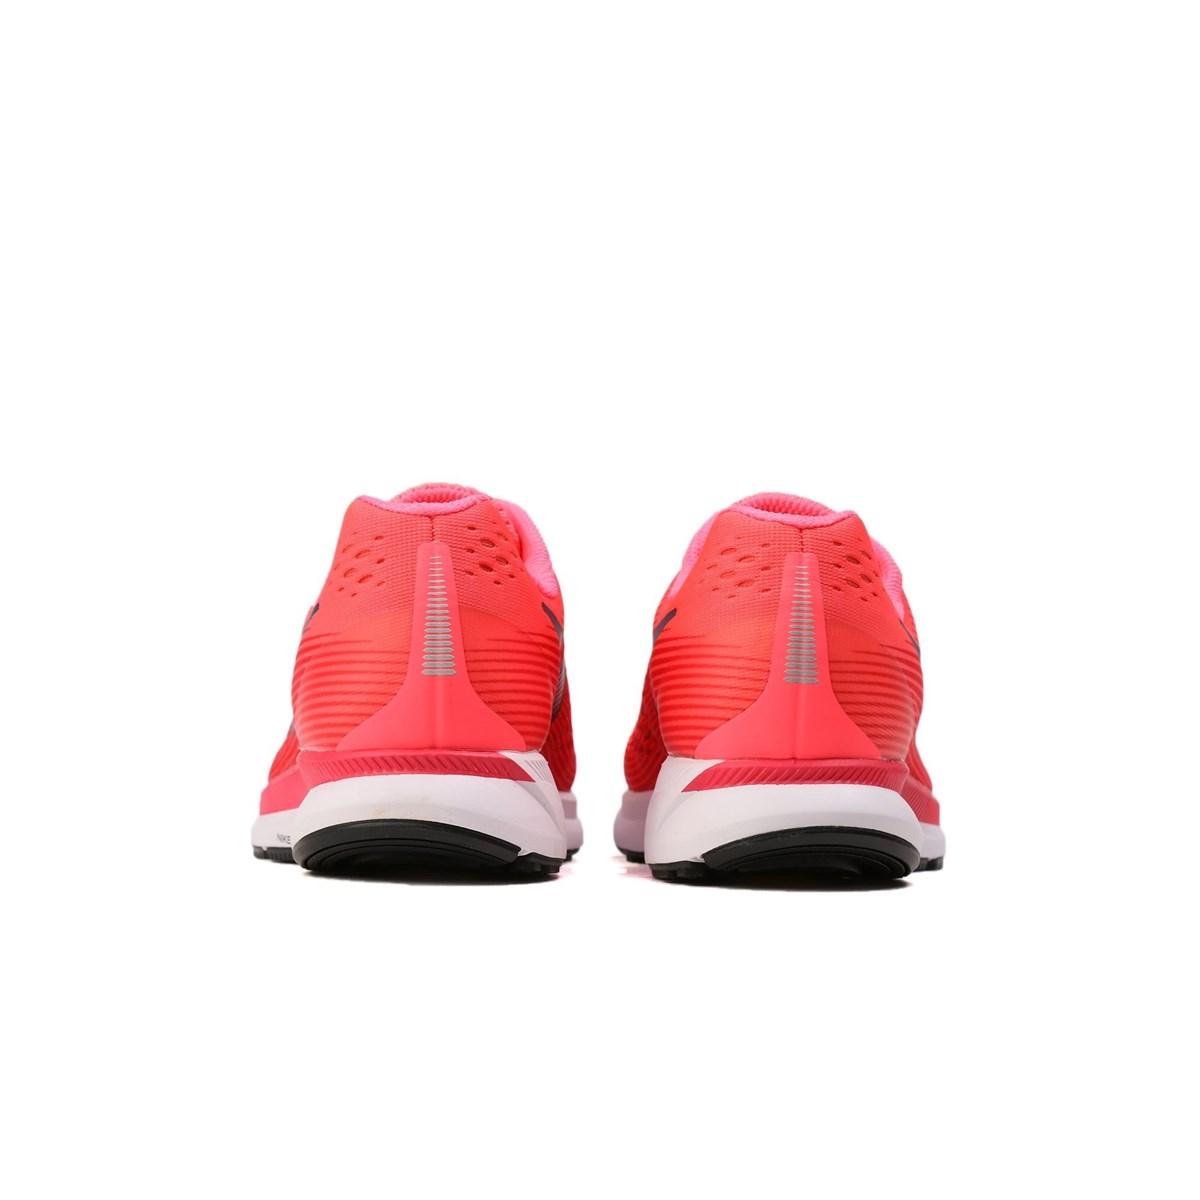 Air Zoom Pegasus 34 Kadın Kırmızı Koşu Ayakkabısı (880560-602)